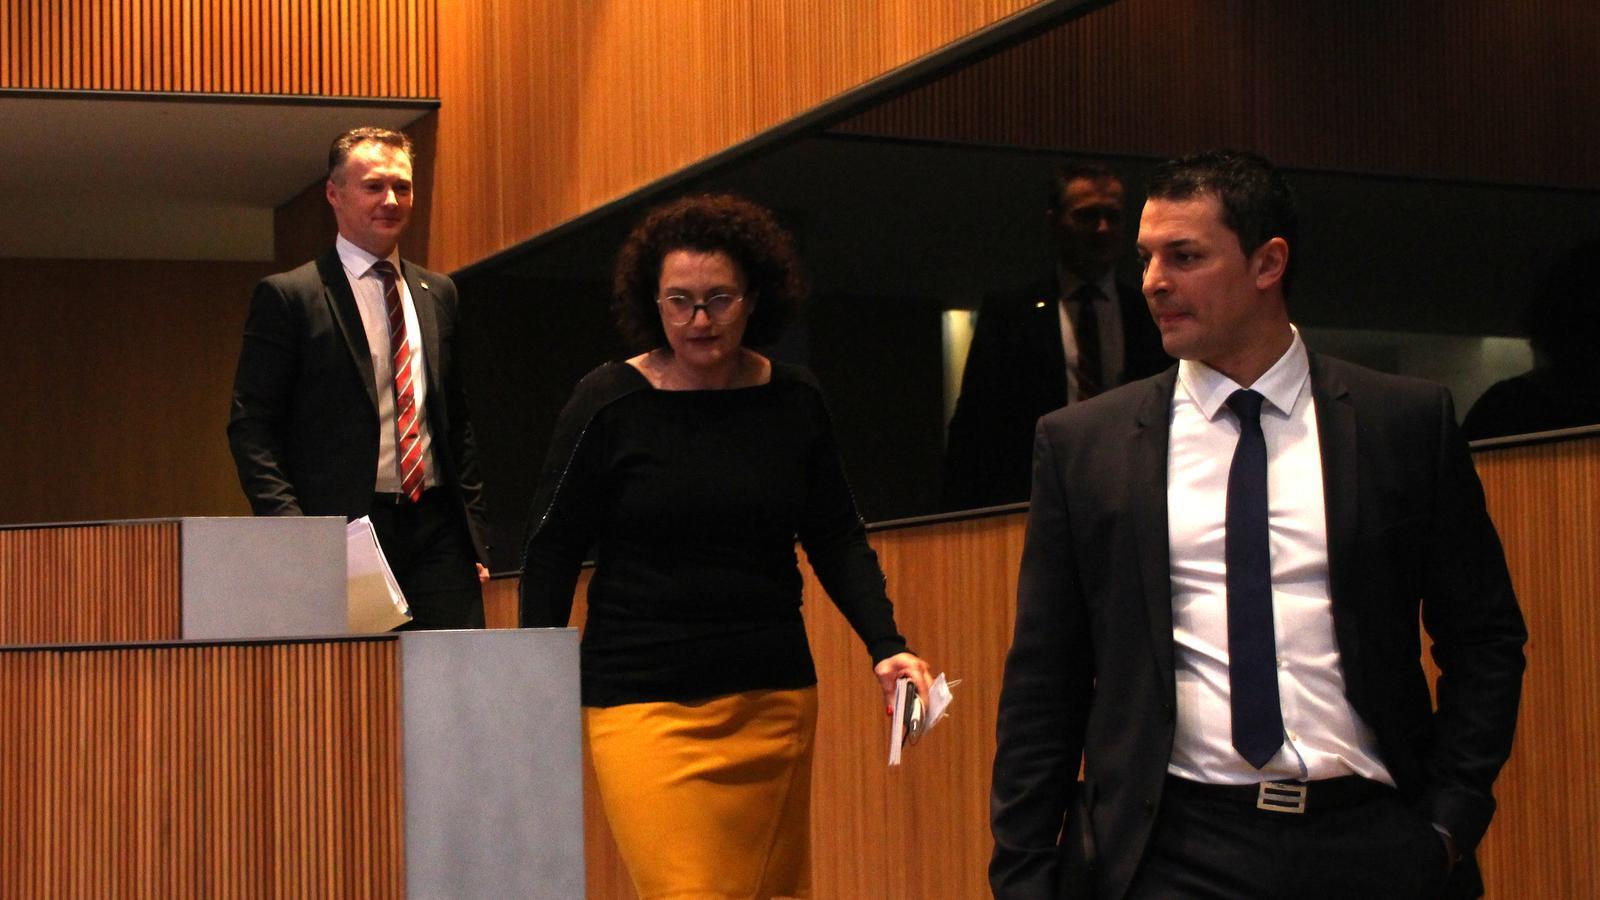 Els tres consellers liberals, Jordi Gallardo, Judith Pallarés i Ferran Costa arribant al Consell General. / M. F.